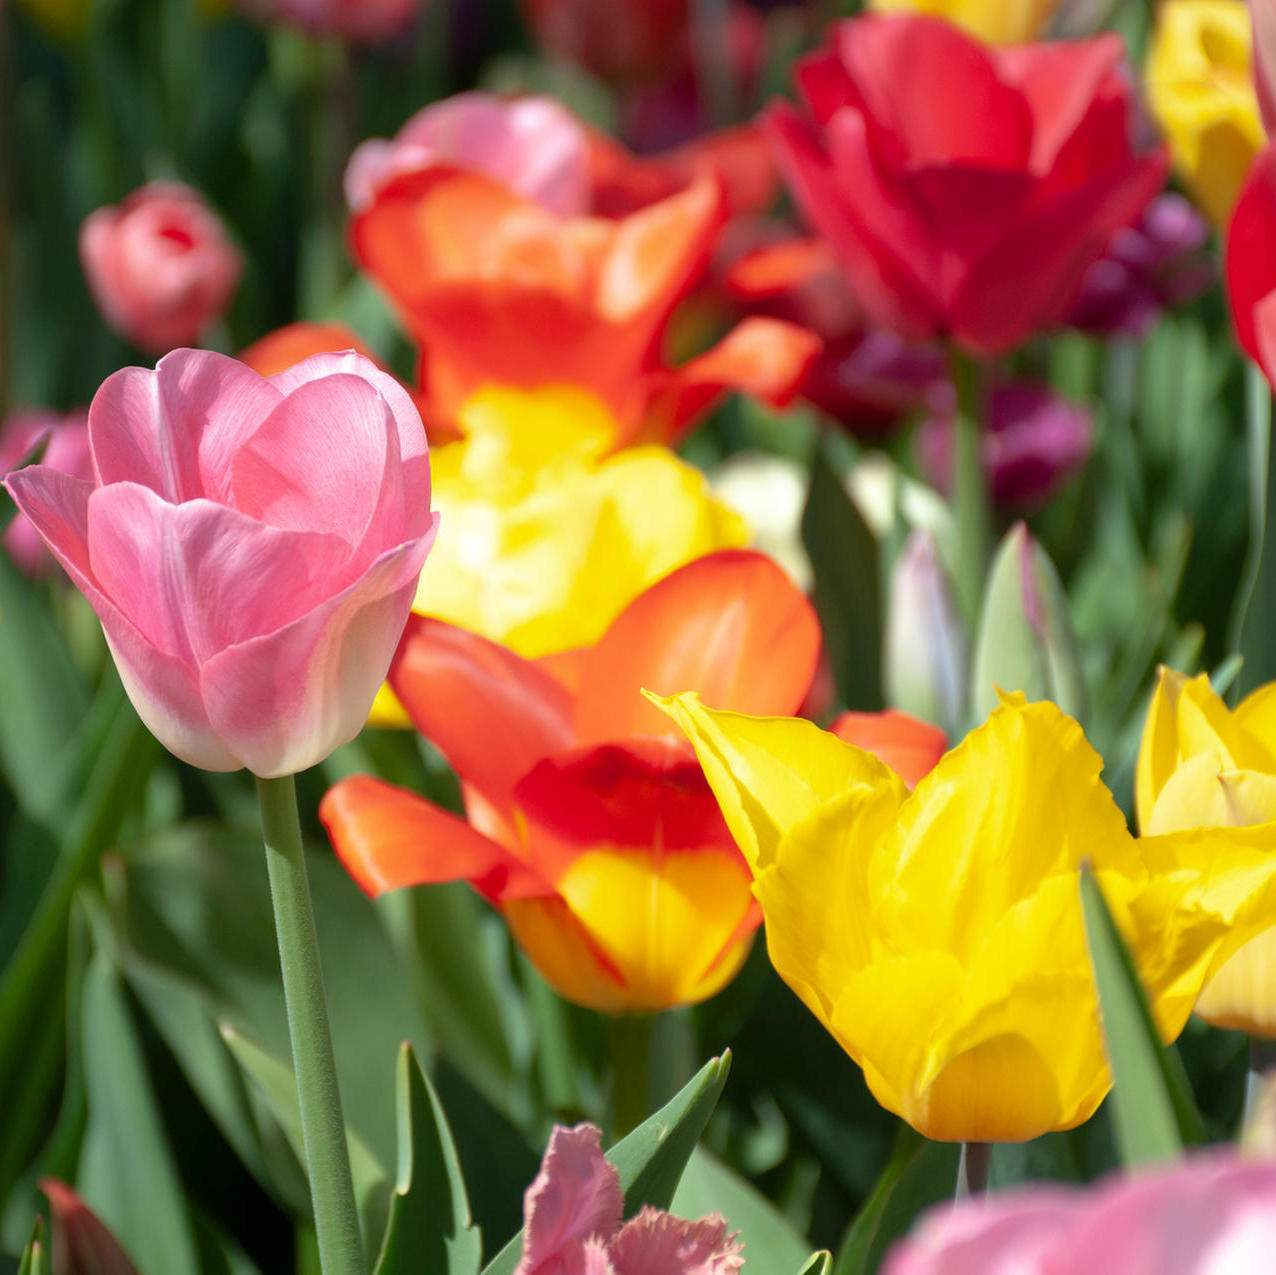 shop mein schoener garten de heft angebote reizend tipps tulpen im garten richtig pflanzen und pflegen of shop mein schoener garten de heft angebote